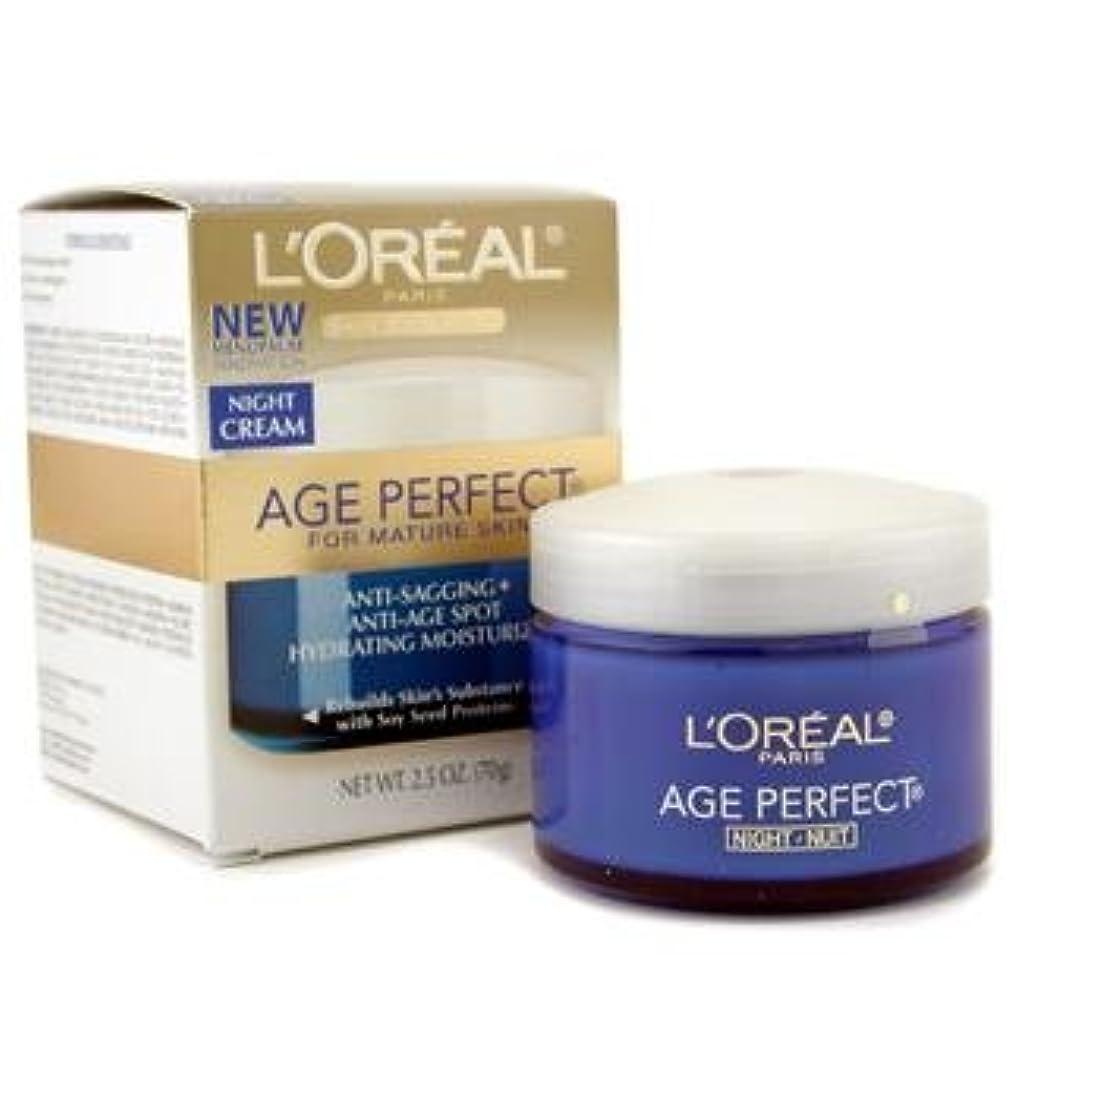 発生器レンドスリム[LOreal] Skin Expertise Age Perfect Night Cream ( For Mature Skin ) 70g/2.5oz